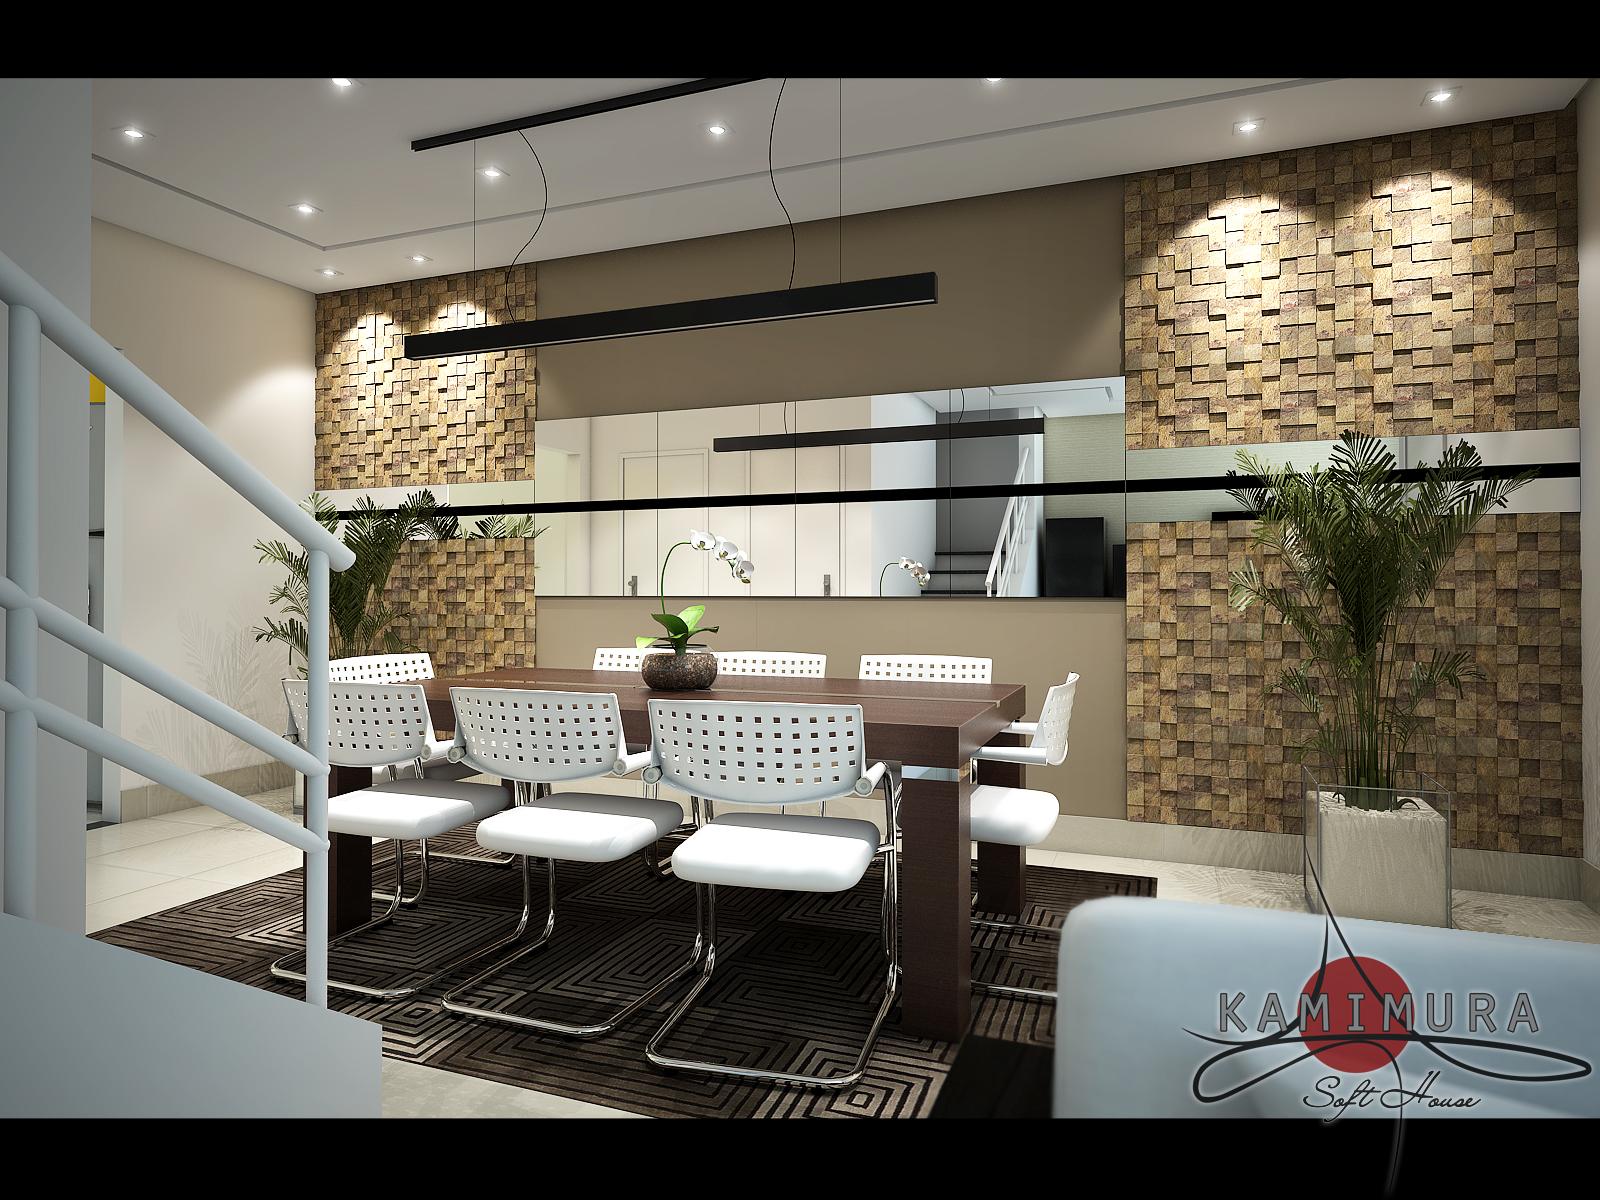 Rodrigo kamimura arquitetura design design de - Reforma de interiores ...